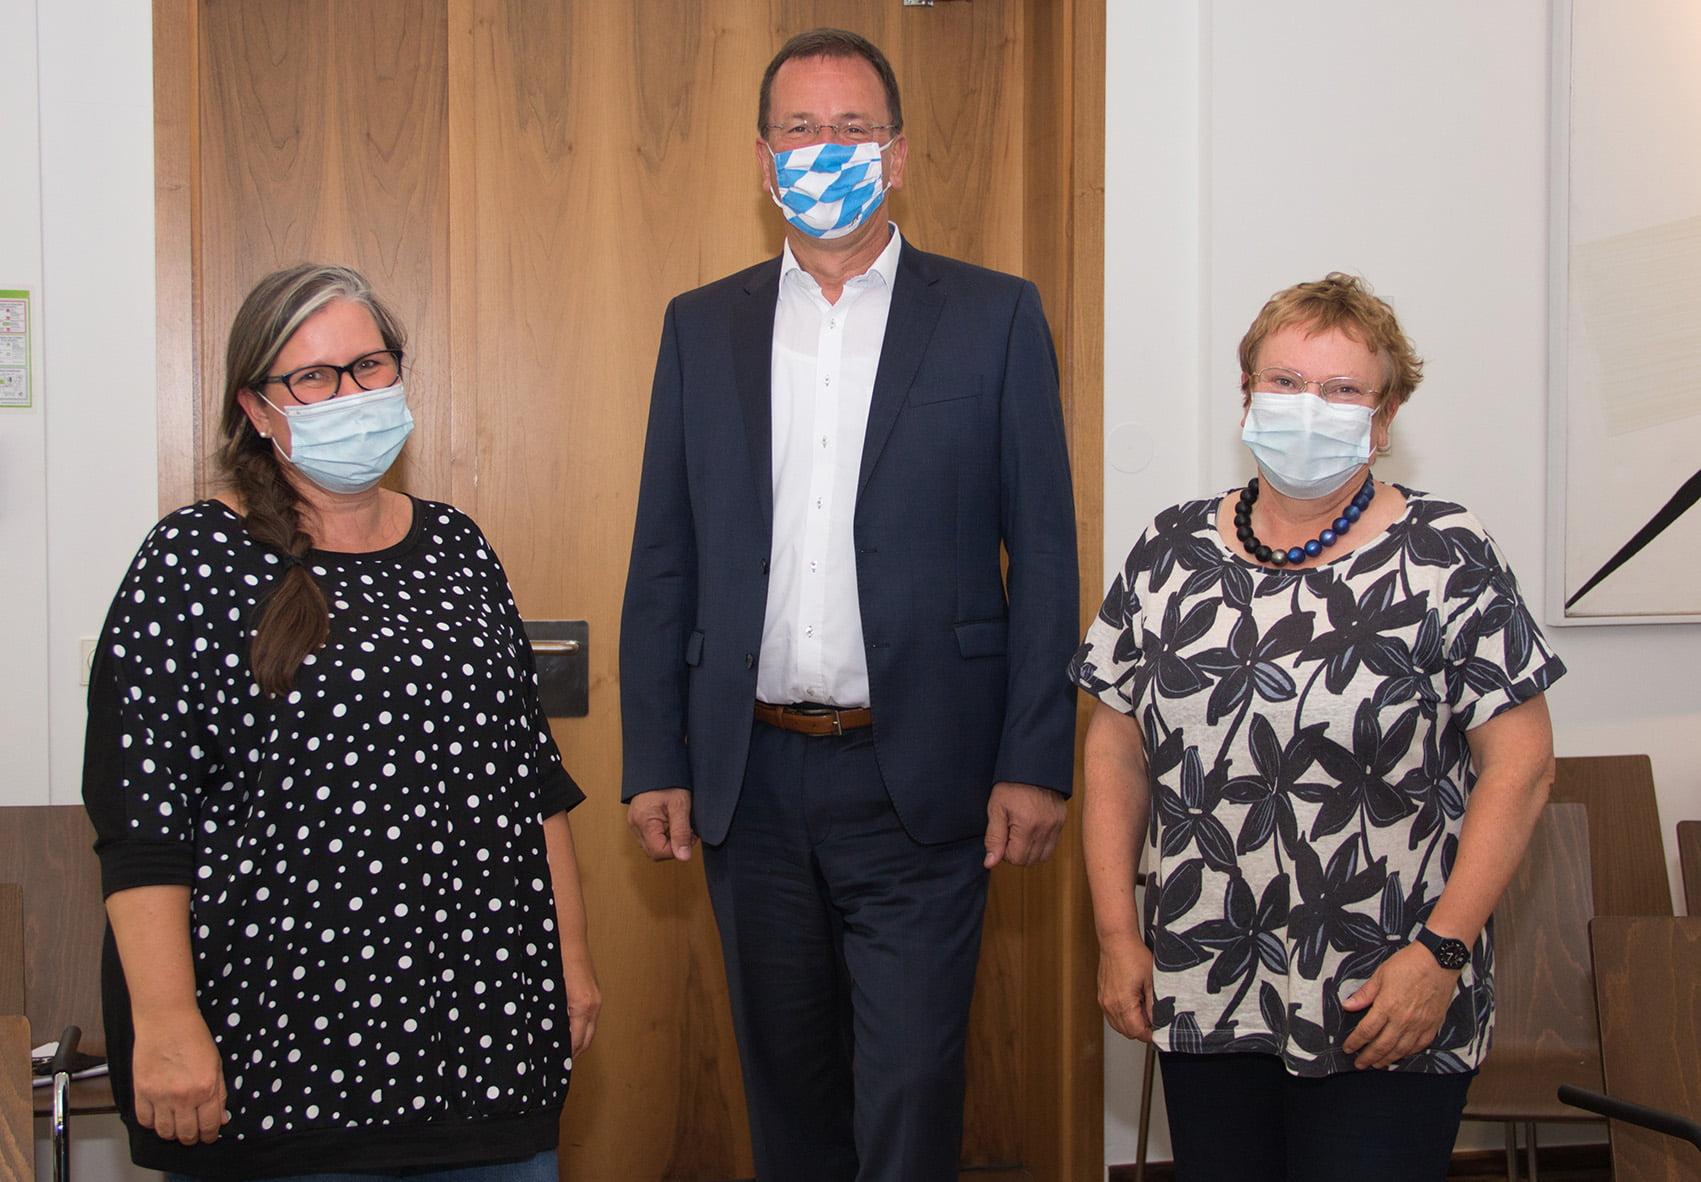 Saskia Schon (3. Vorsitzende), Oberbürgermeister Andreas Haas (1. Vorsitzende) und Sabine Brügel-Fritzen (2. Vorsitzende)